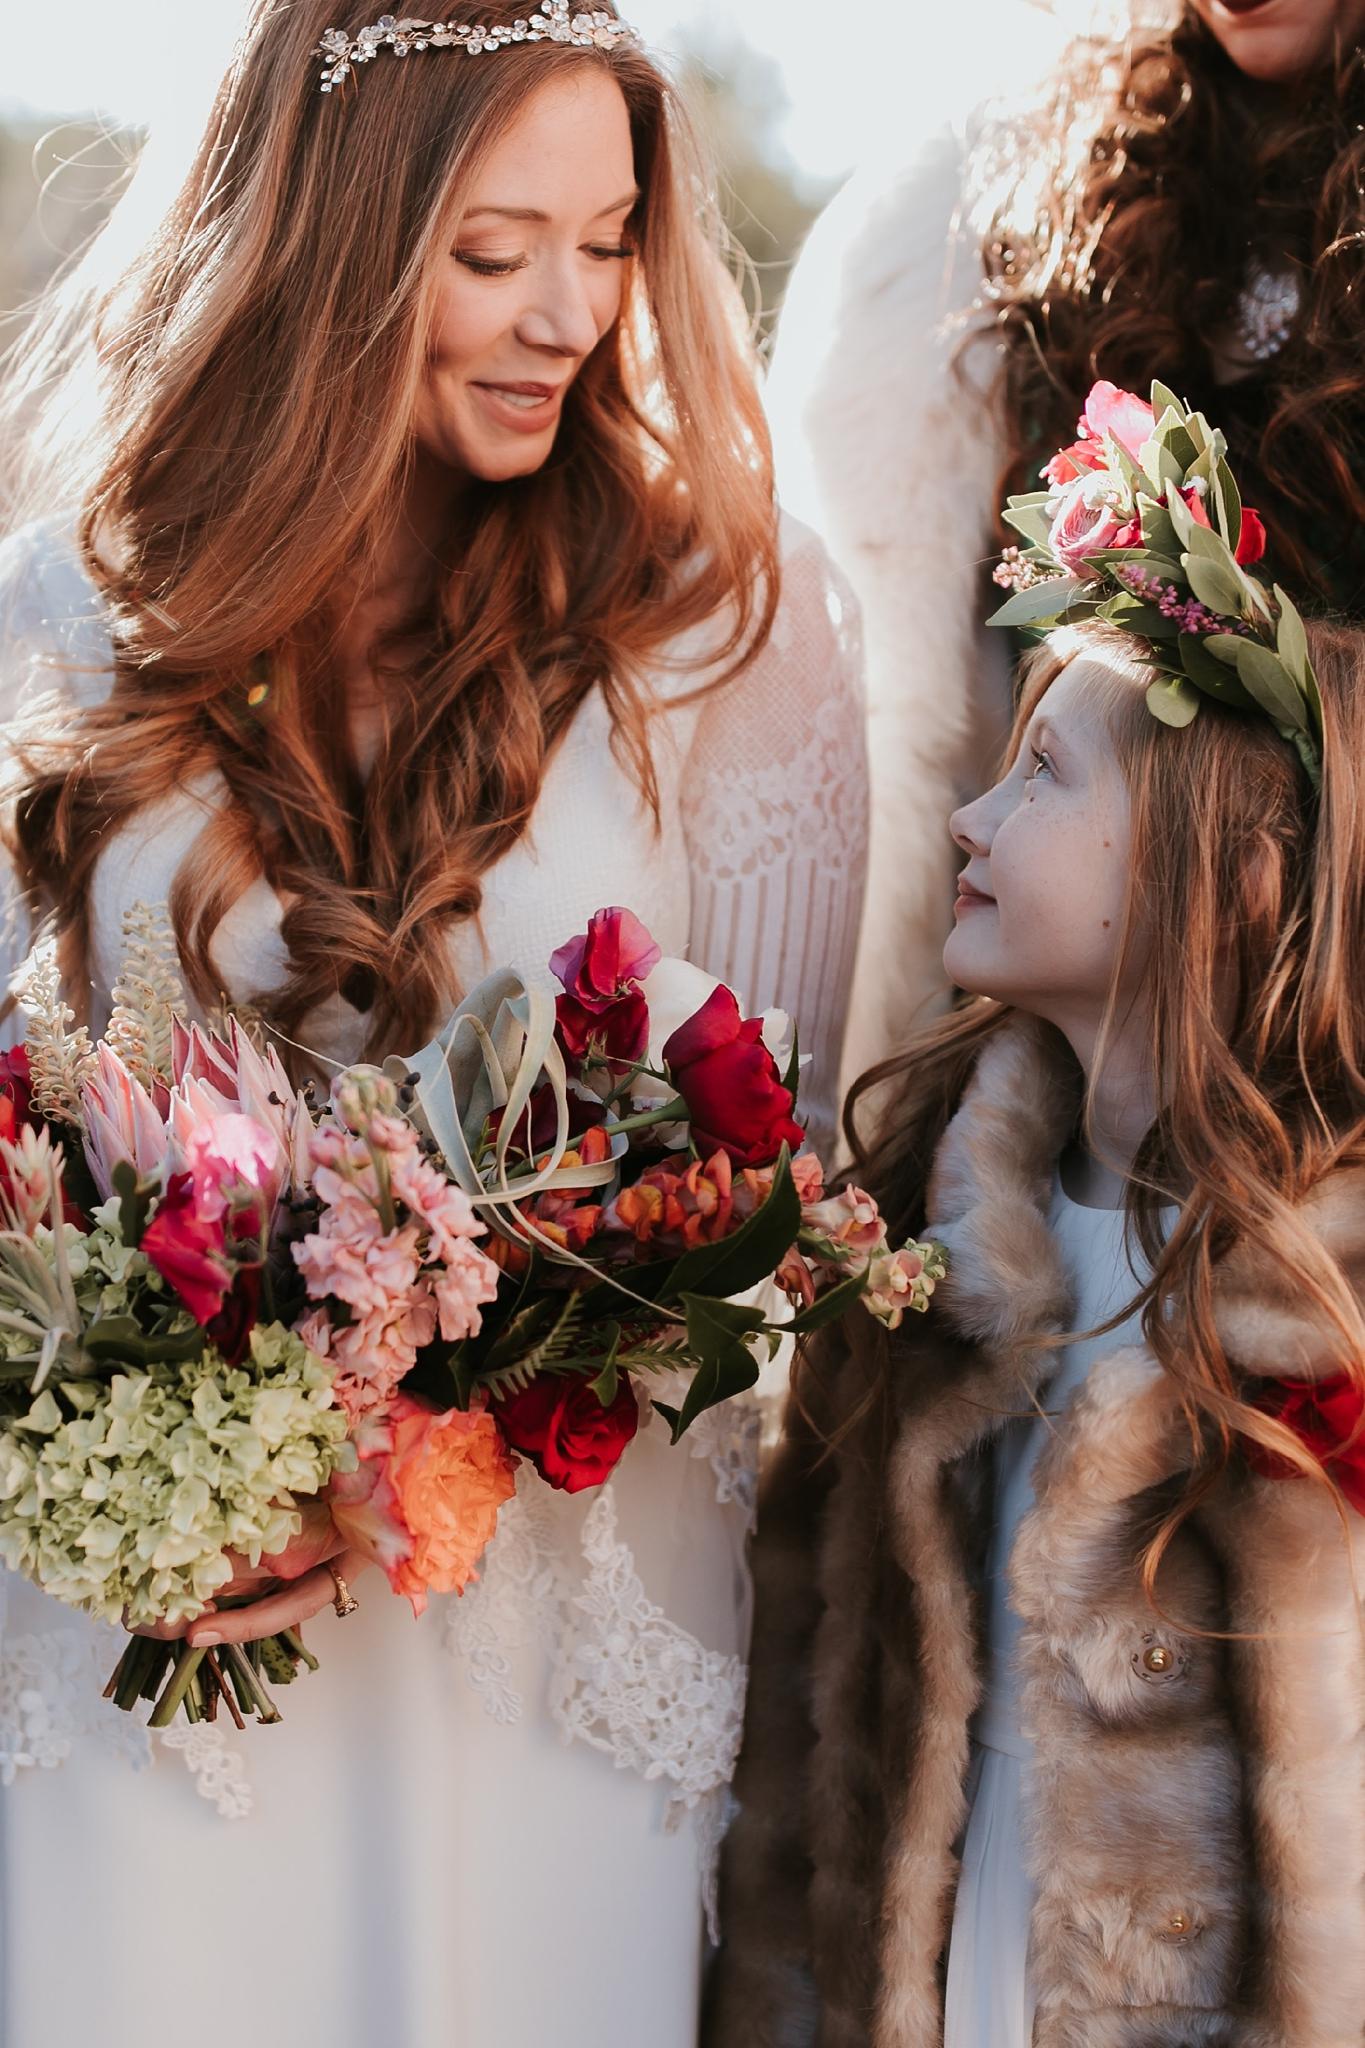 Alicia+lucia+photography+-+albuquerque+wedding+photographer+-+santa+fe+wedding+photography+-+new+mexico+wedding+photographer+-+new+mexico+wedding+-+new+mexico+florist+-+floriography+flowers+-+floriography+flowers+new+mexico+-+wedding+florist_0057.jpg